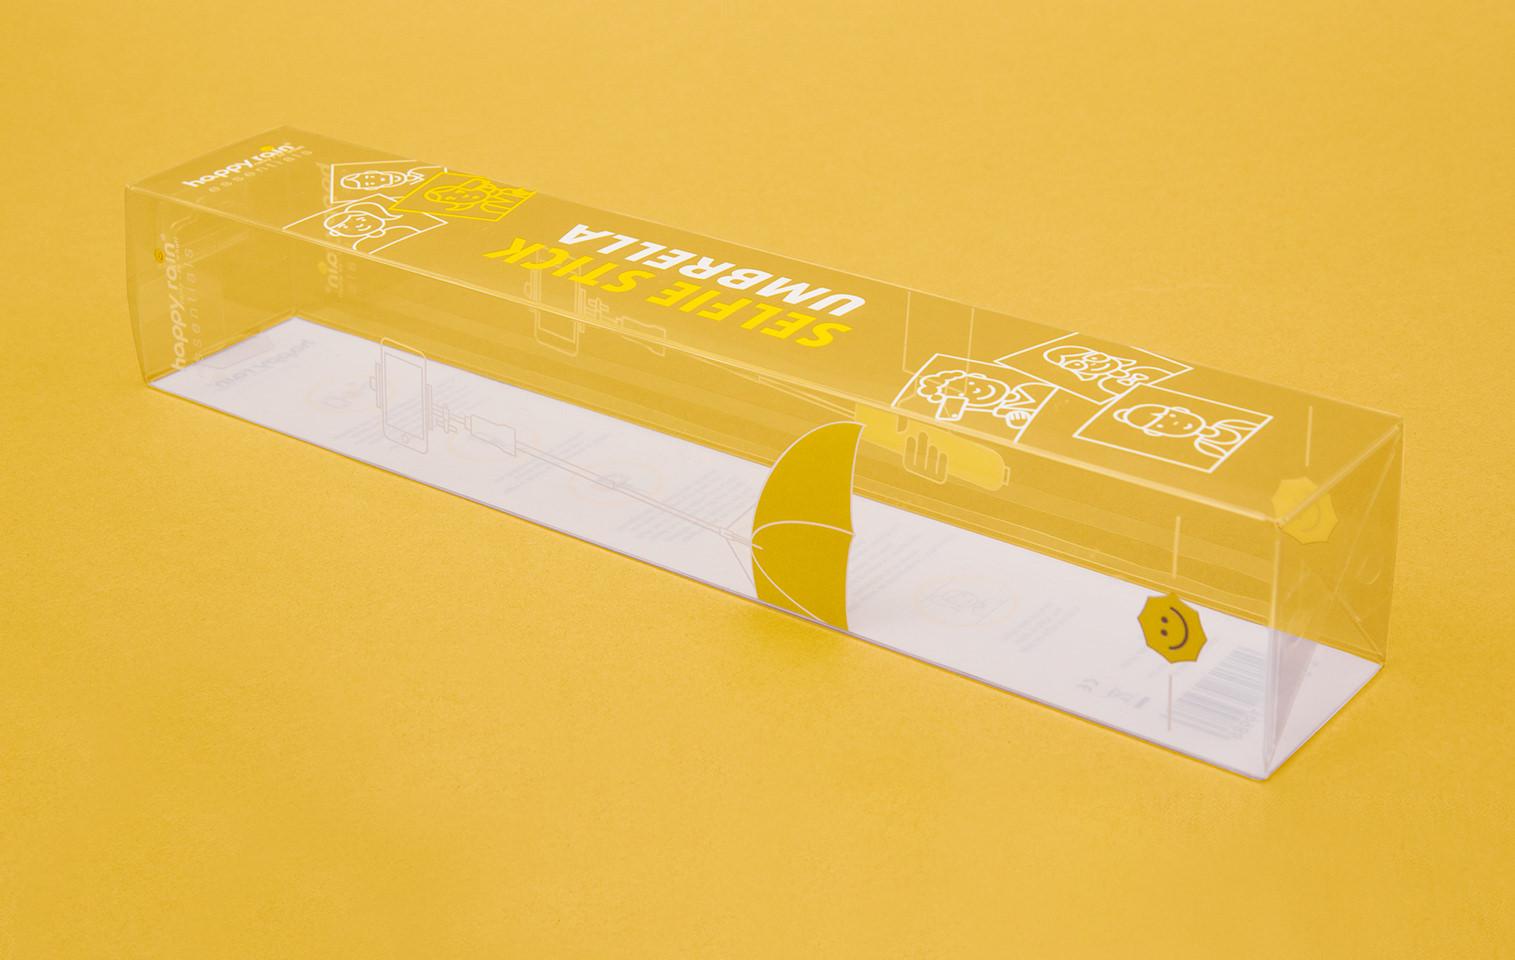 leere Verpackung des happy rain Selfie Stick Umbrella / transparente Verpackung mit Siebdruck in Gelb und Weiß, Agentur: sons of ipanema / Cologne